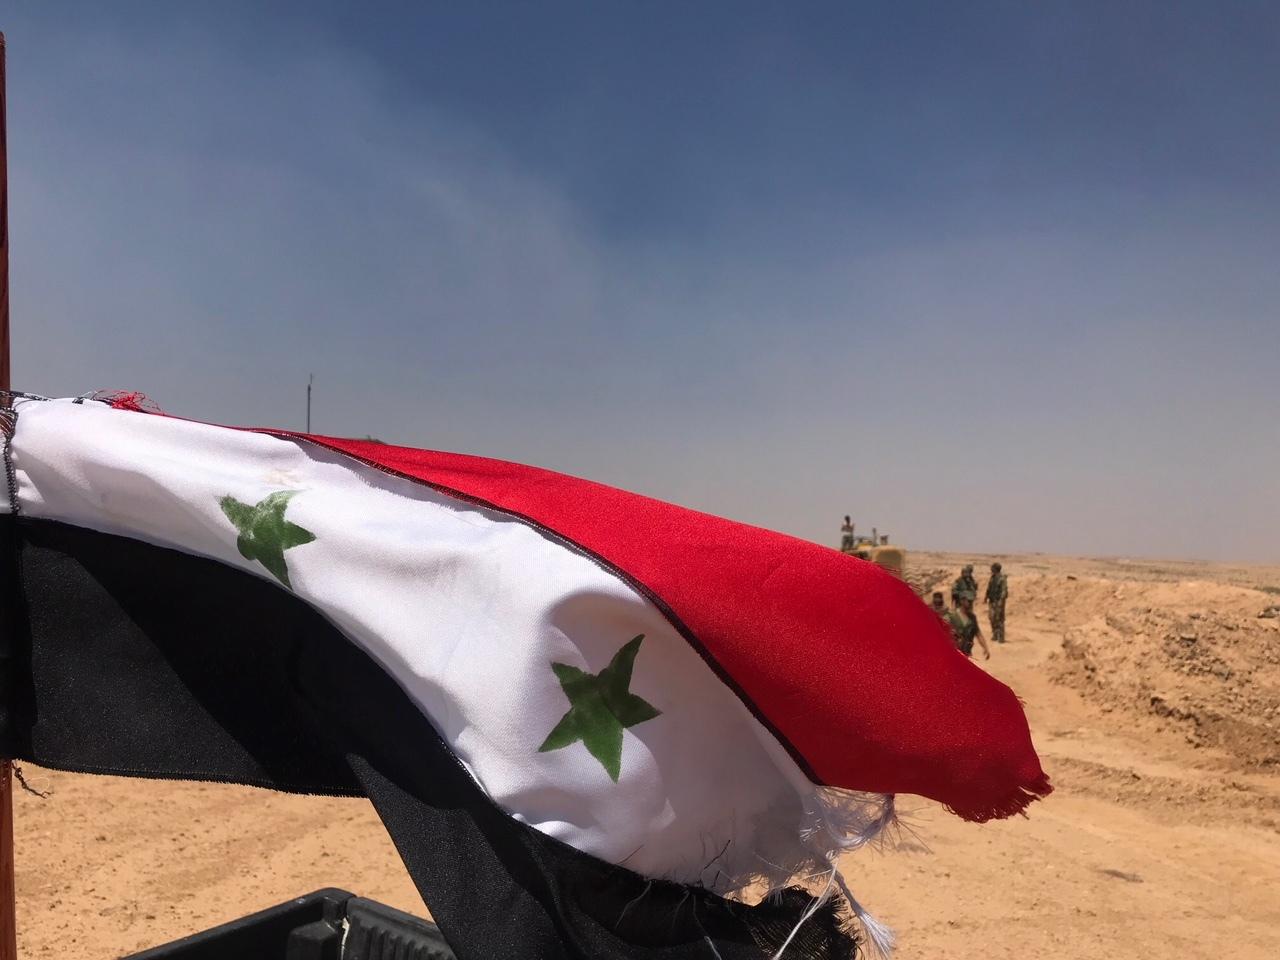 روسيا: نبقى على اتصال دائم مع دمشق بشأن الغارات الأمريكية الأخيرة